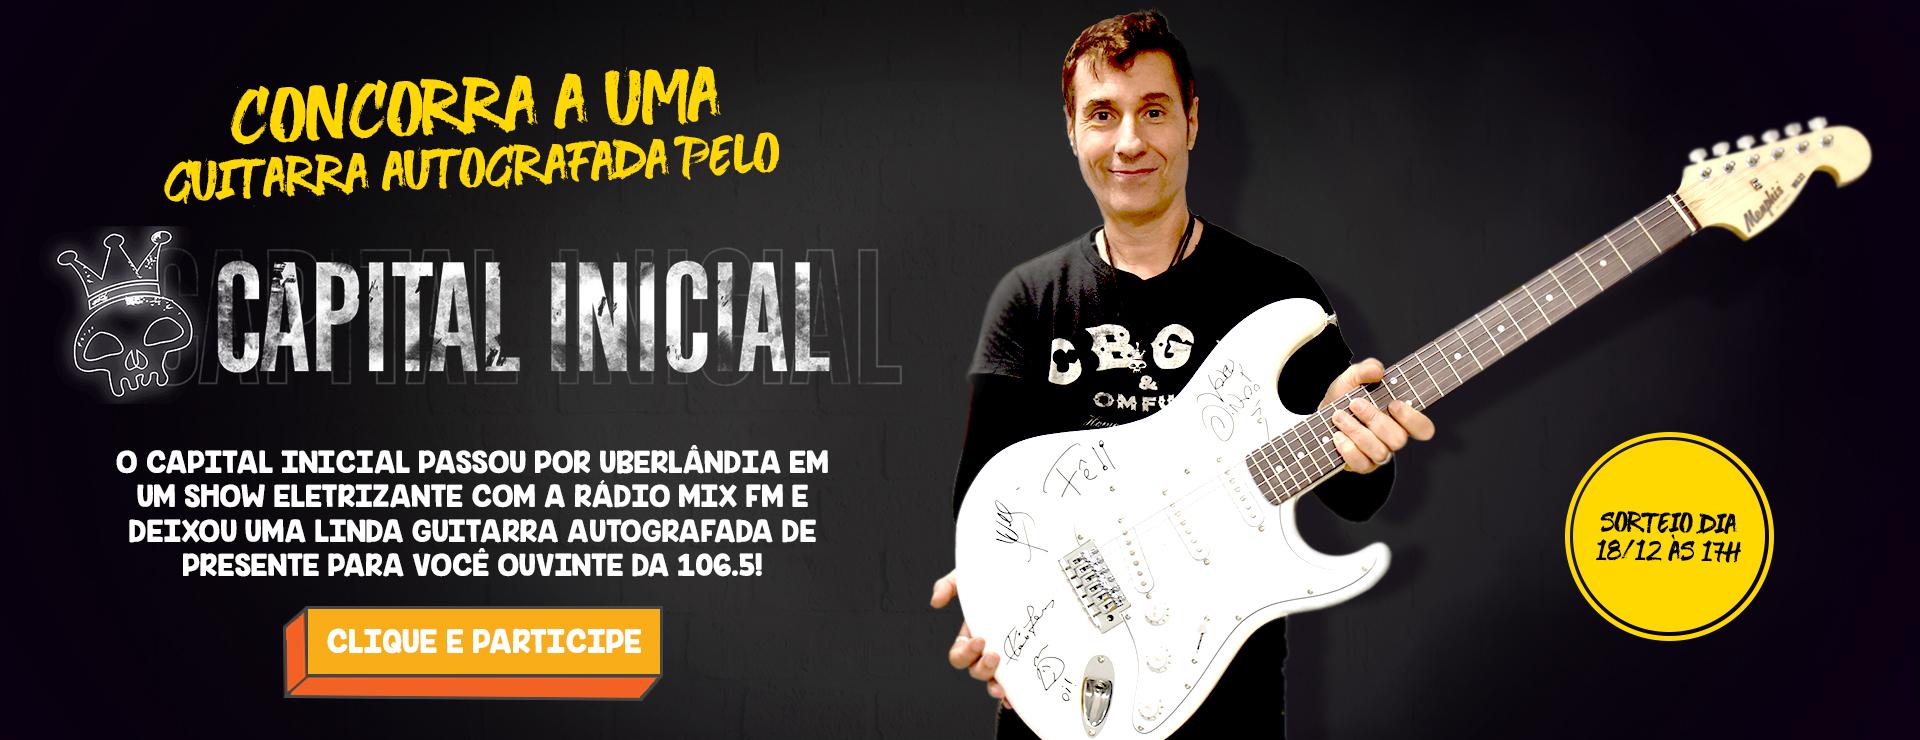 Guitarra Capital Inicial